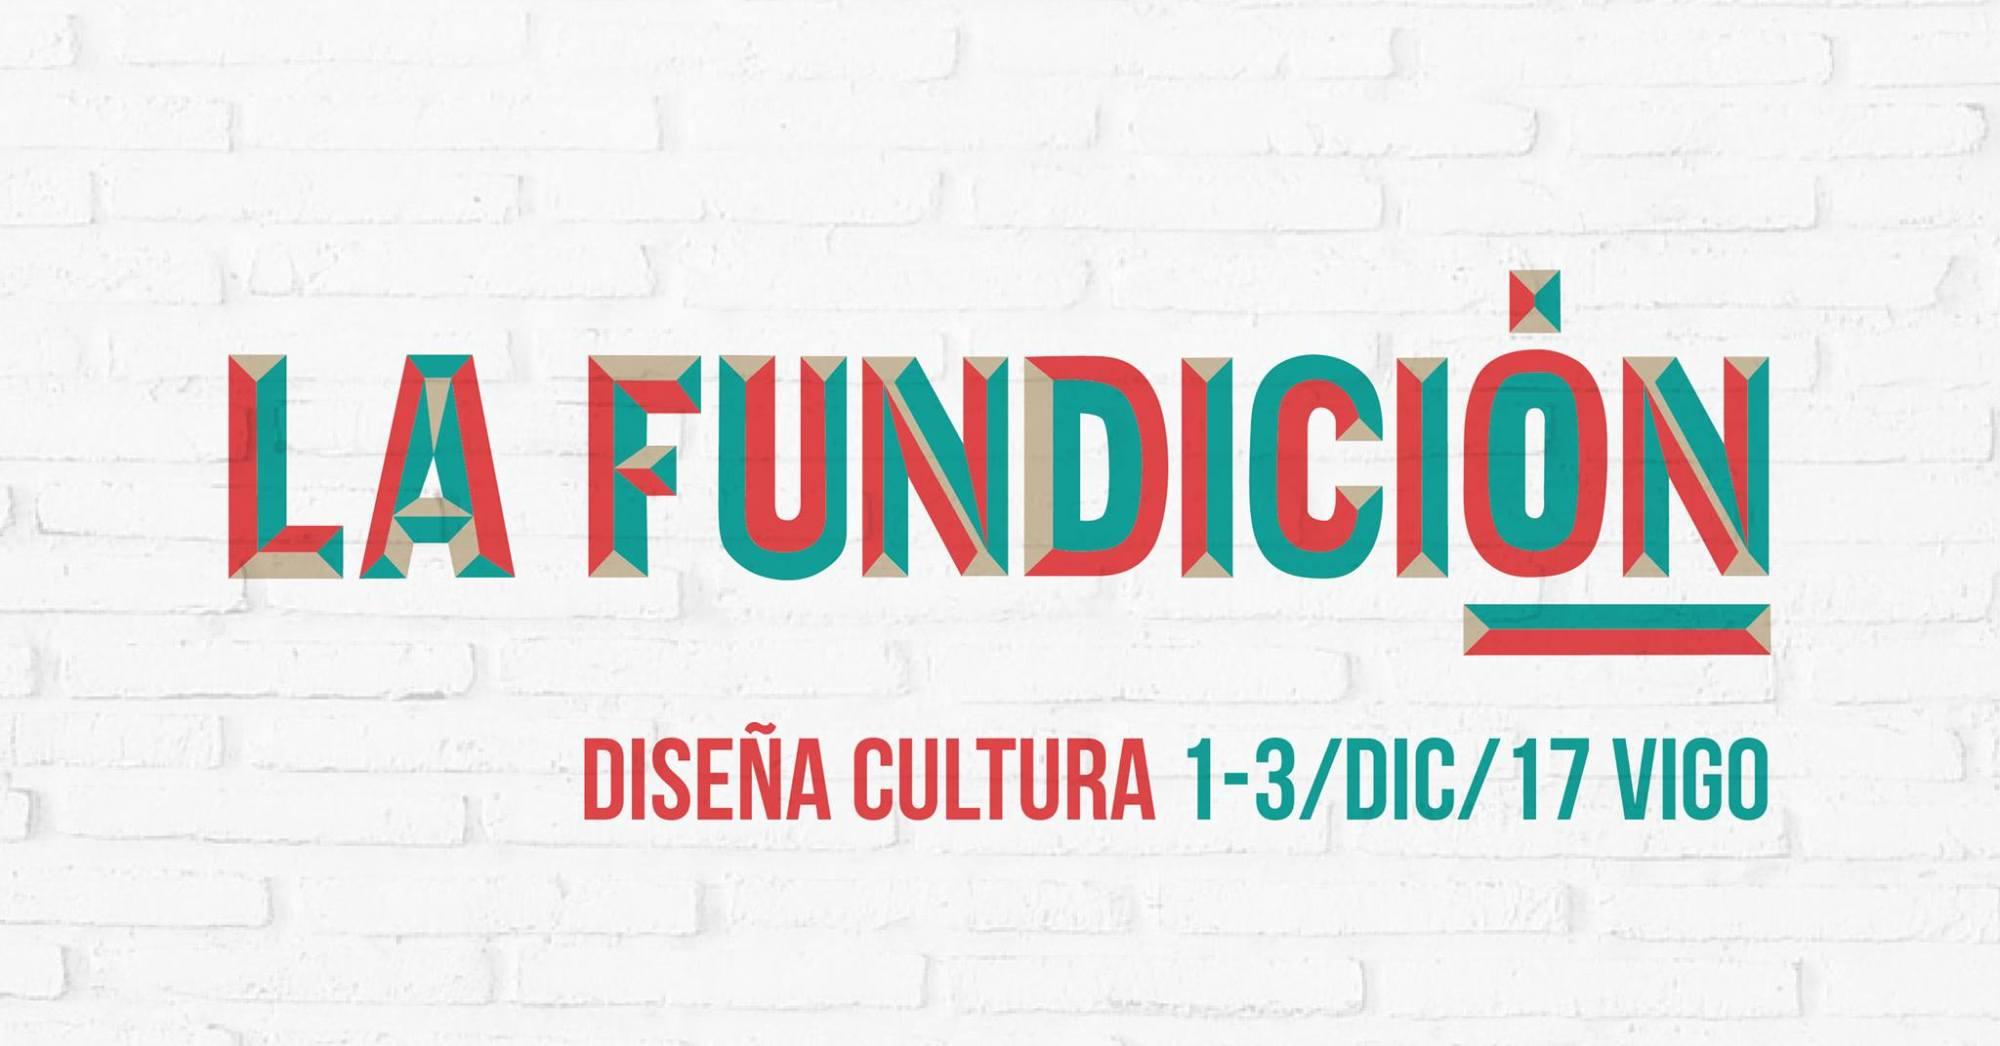 La Fundición, Mercado diseño en Vigo